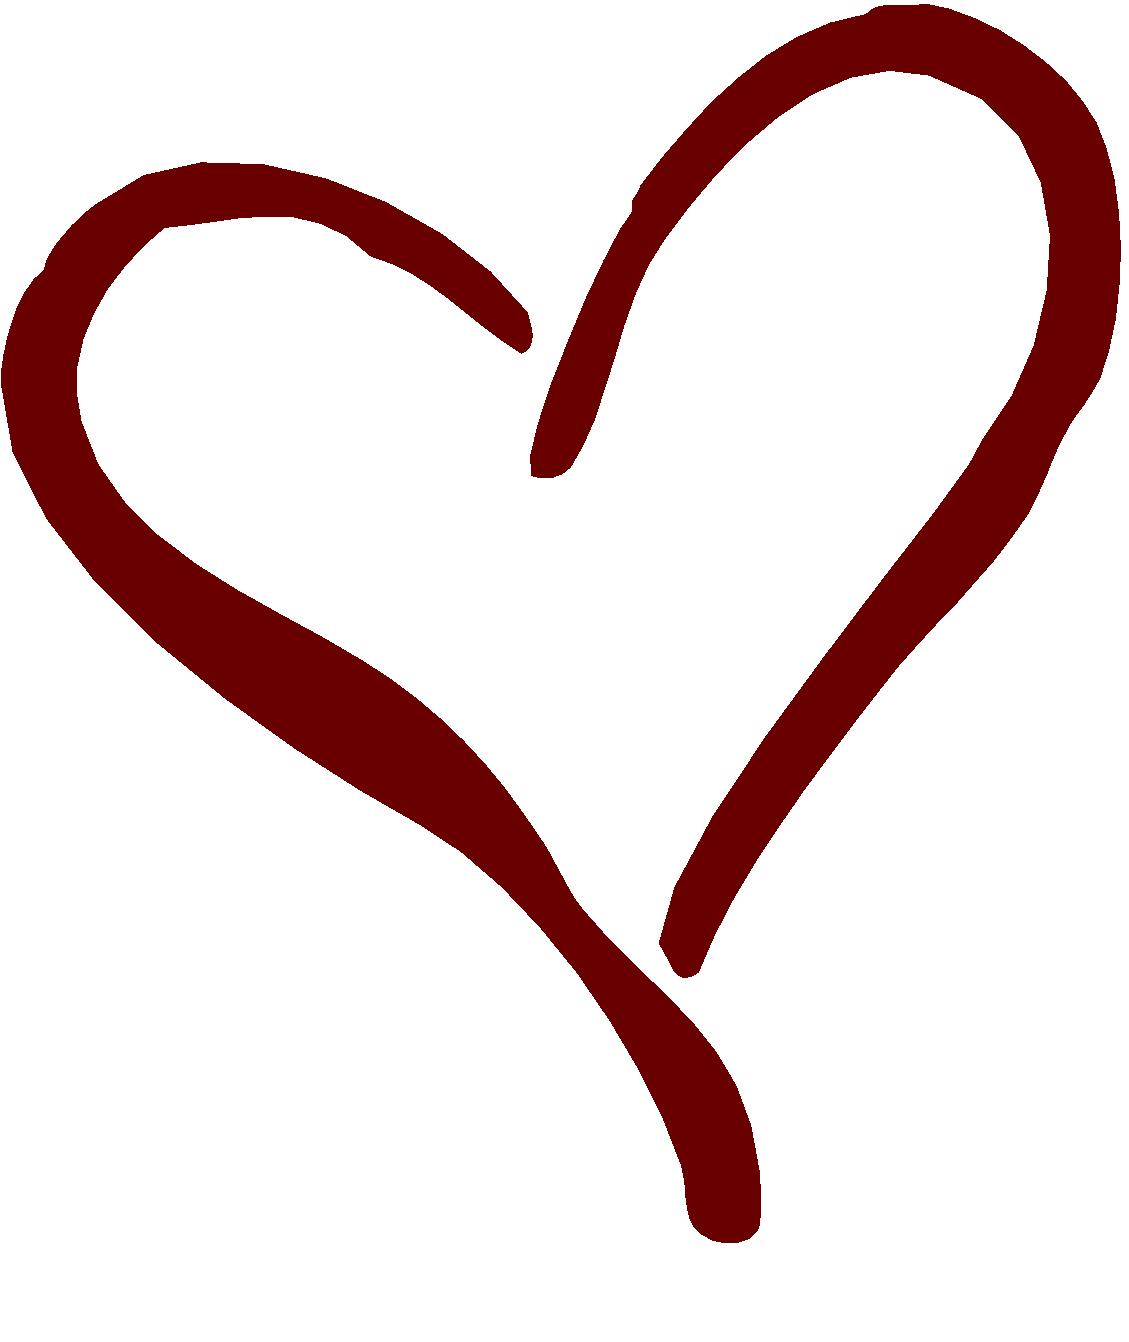 Valentines Hearts Shanna Hatfield